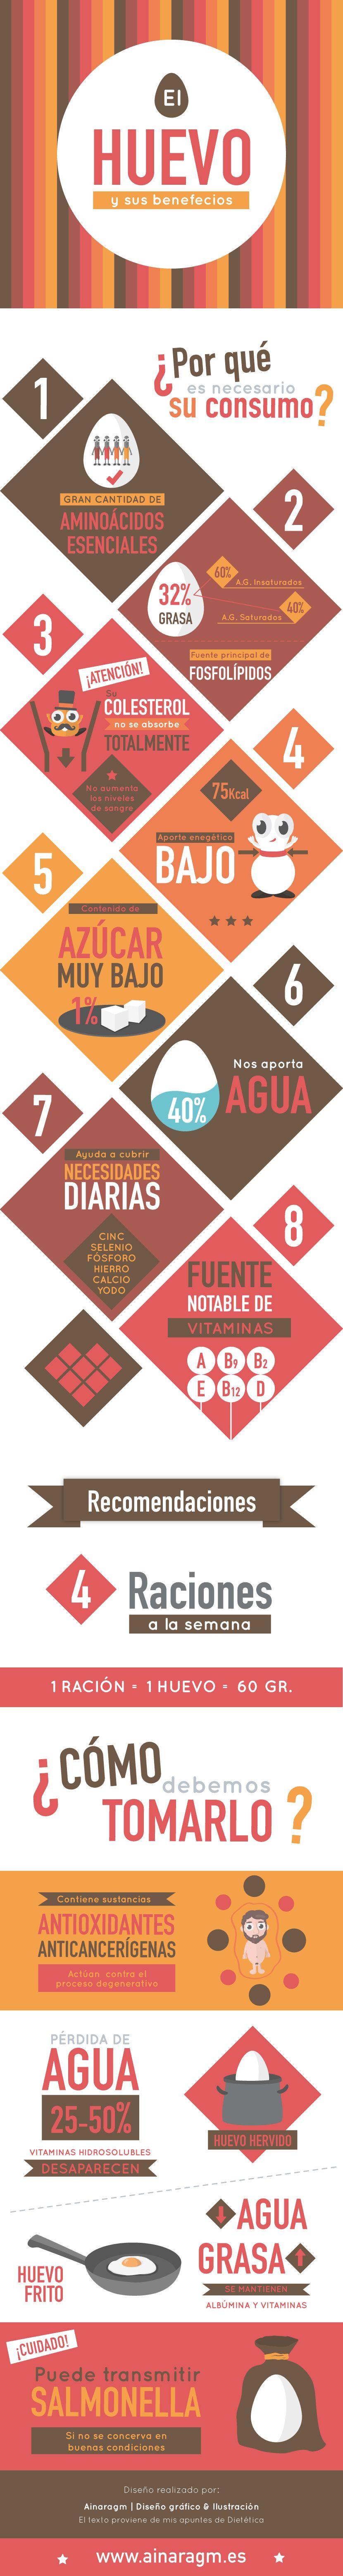 Infografía sobre las propiedades del huevo #alimentacion #dietetica #salud #infografia #diseno #ilustracion